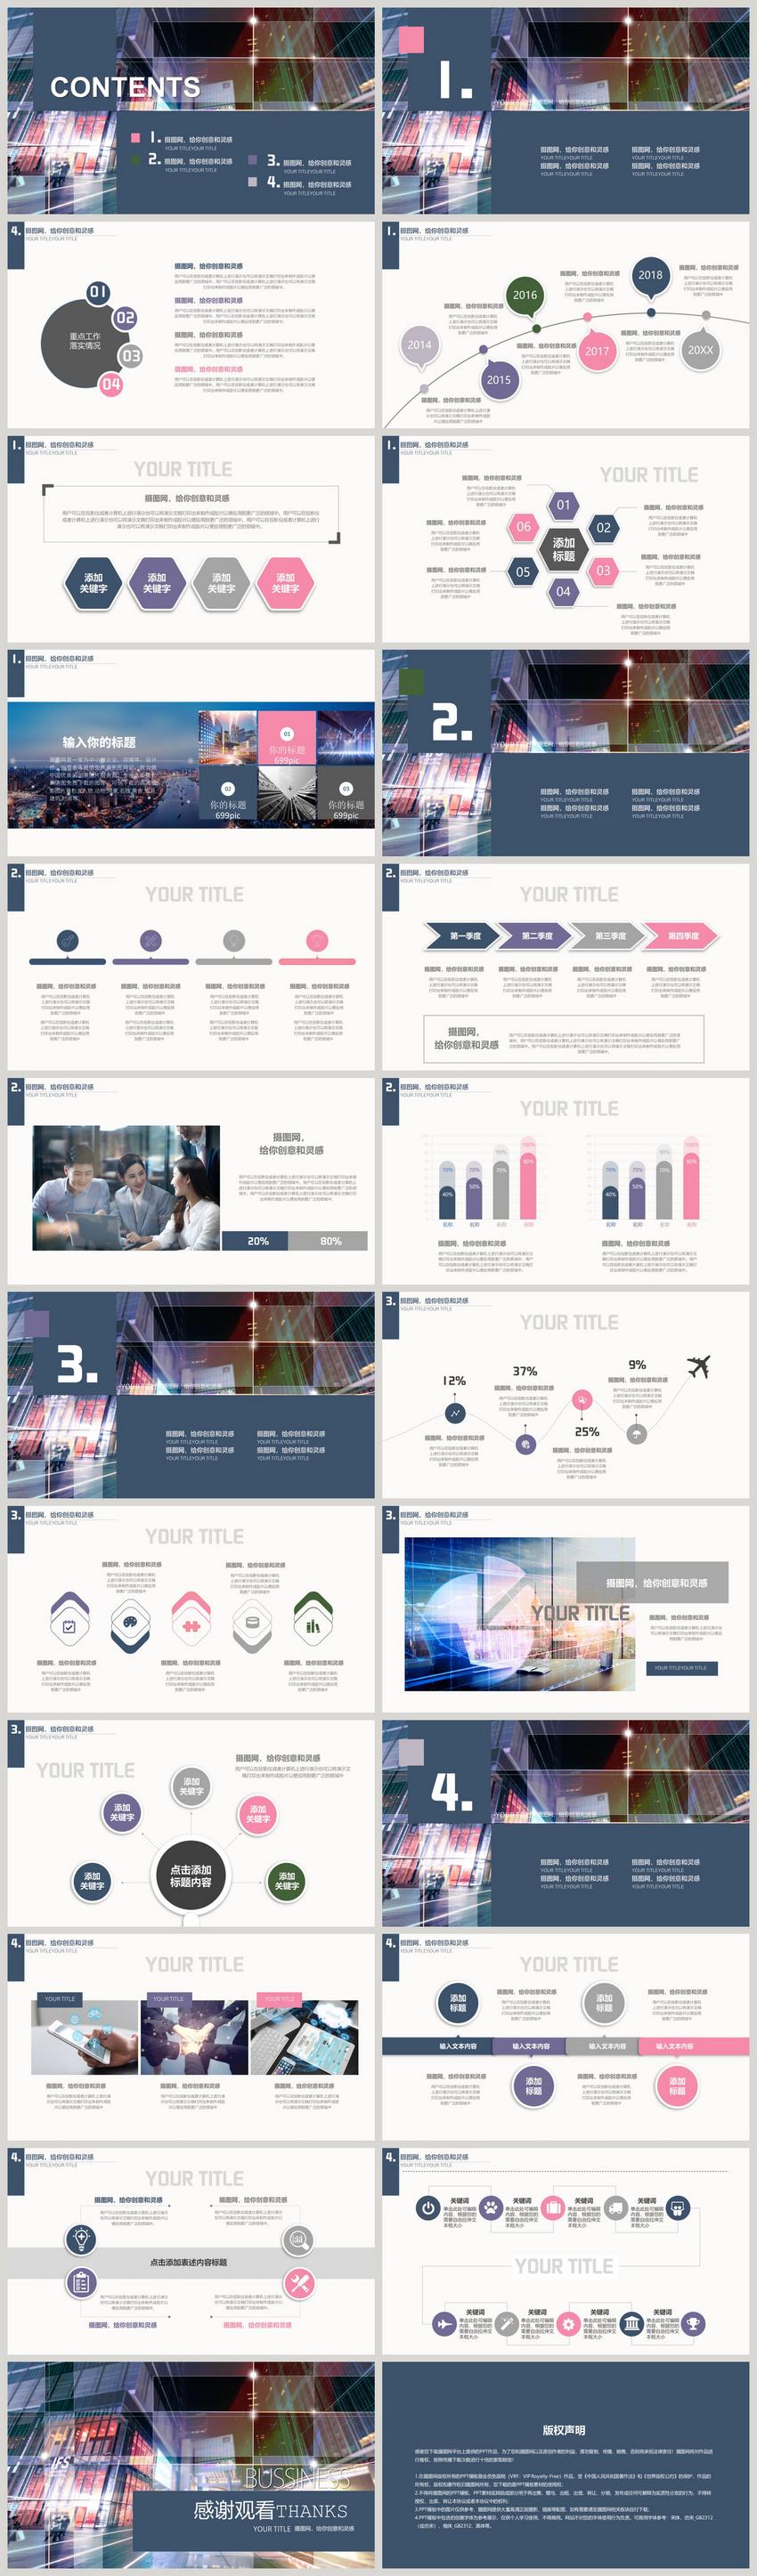 时尚简约营销策划活动方案PPT模板图片